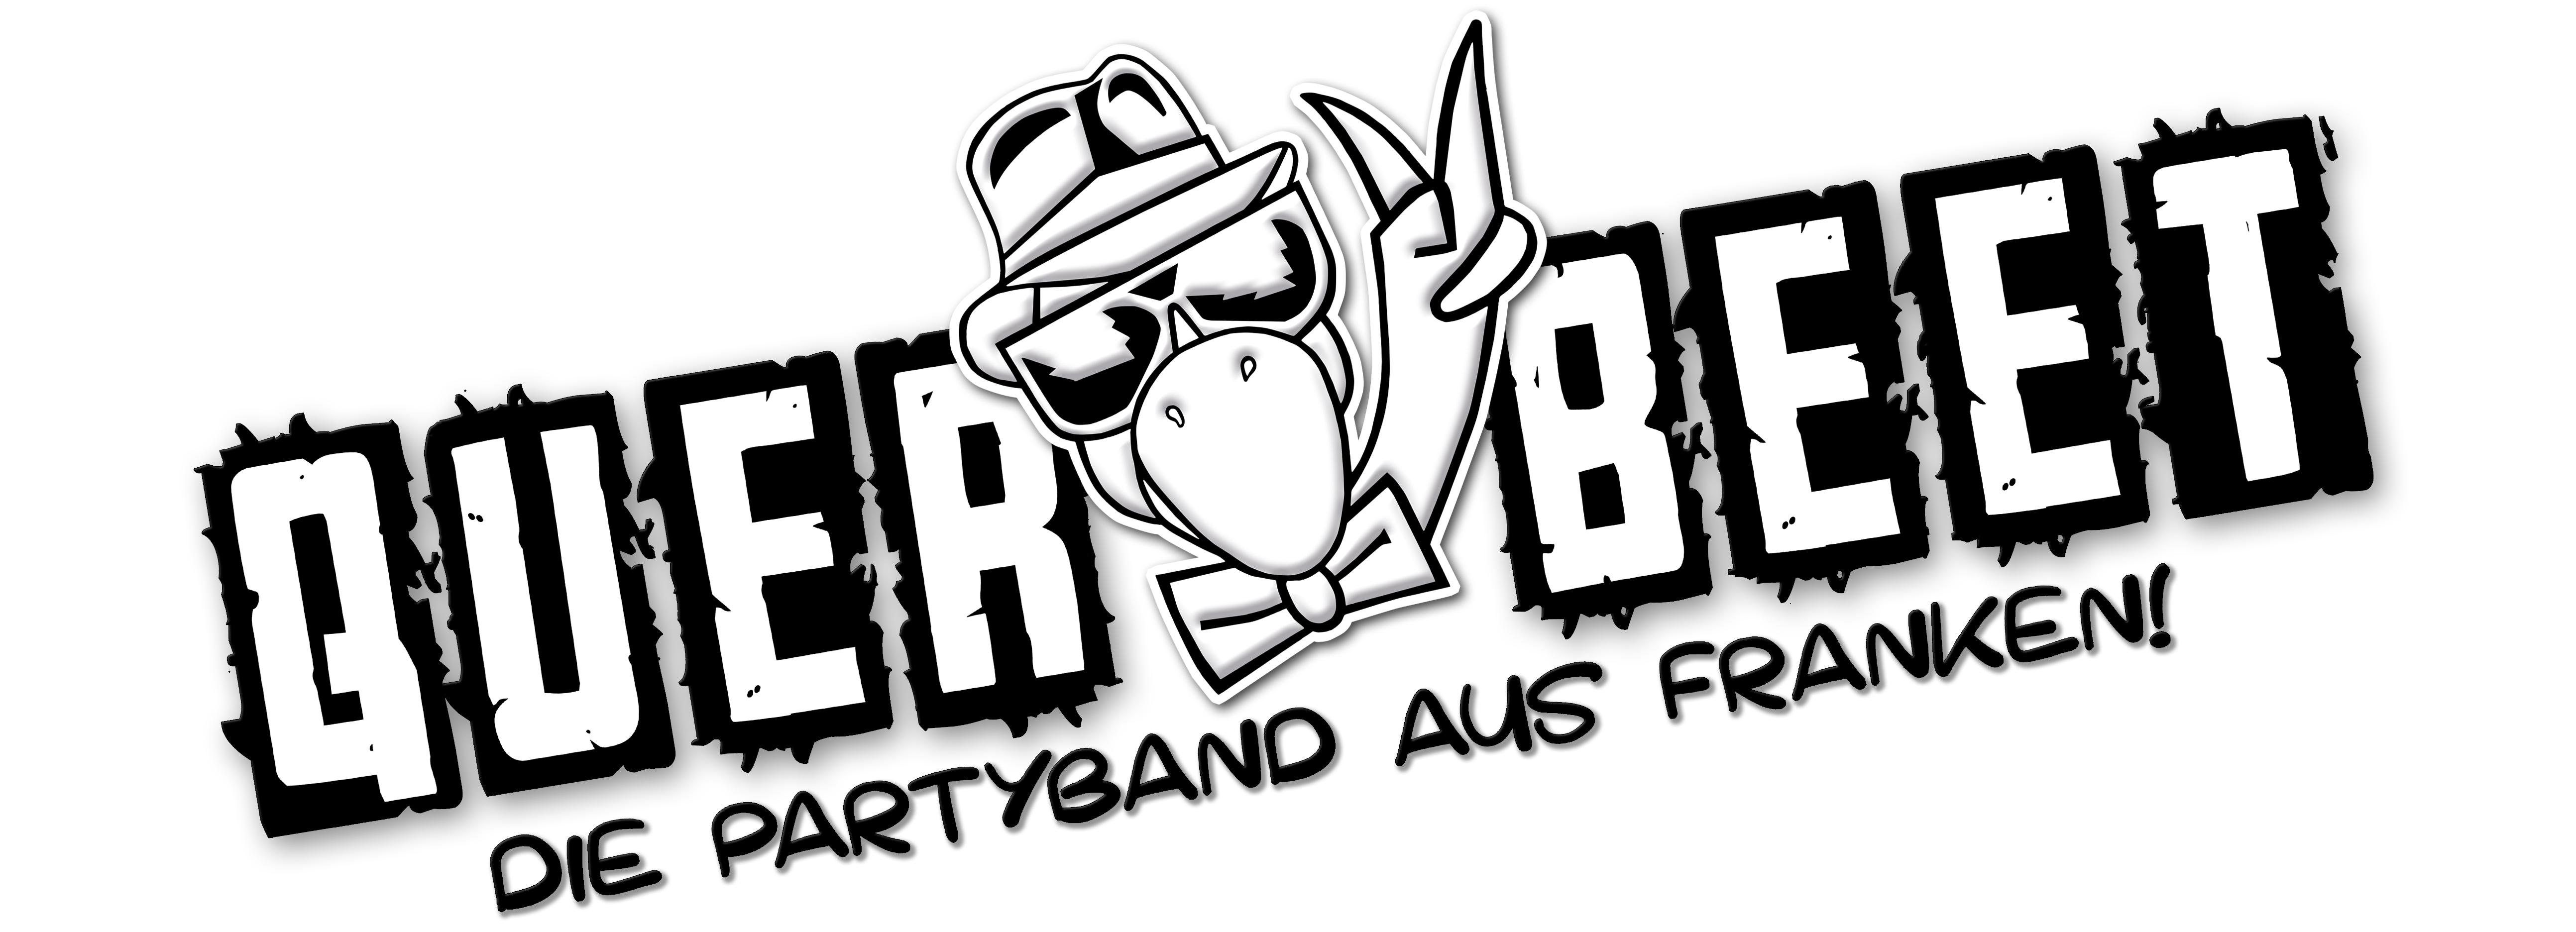 Logo uploade ws